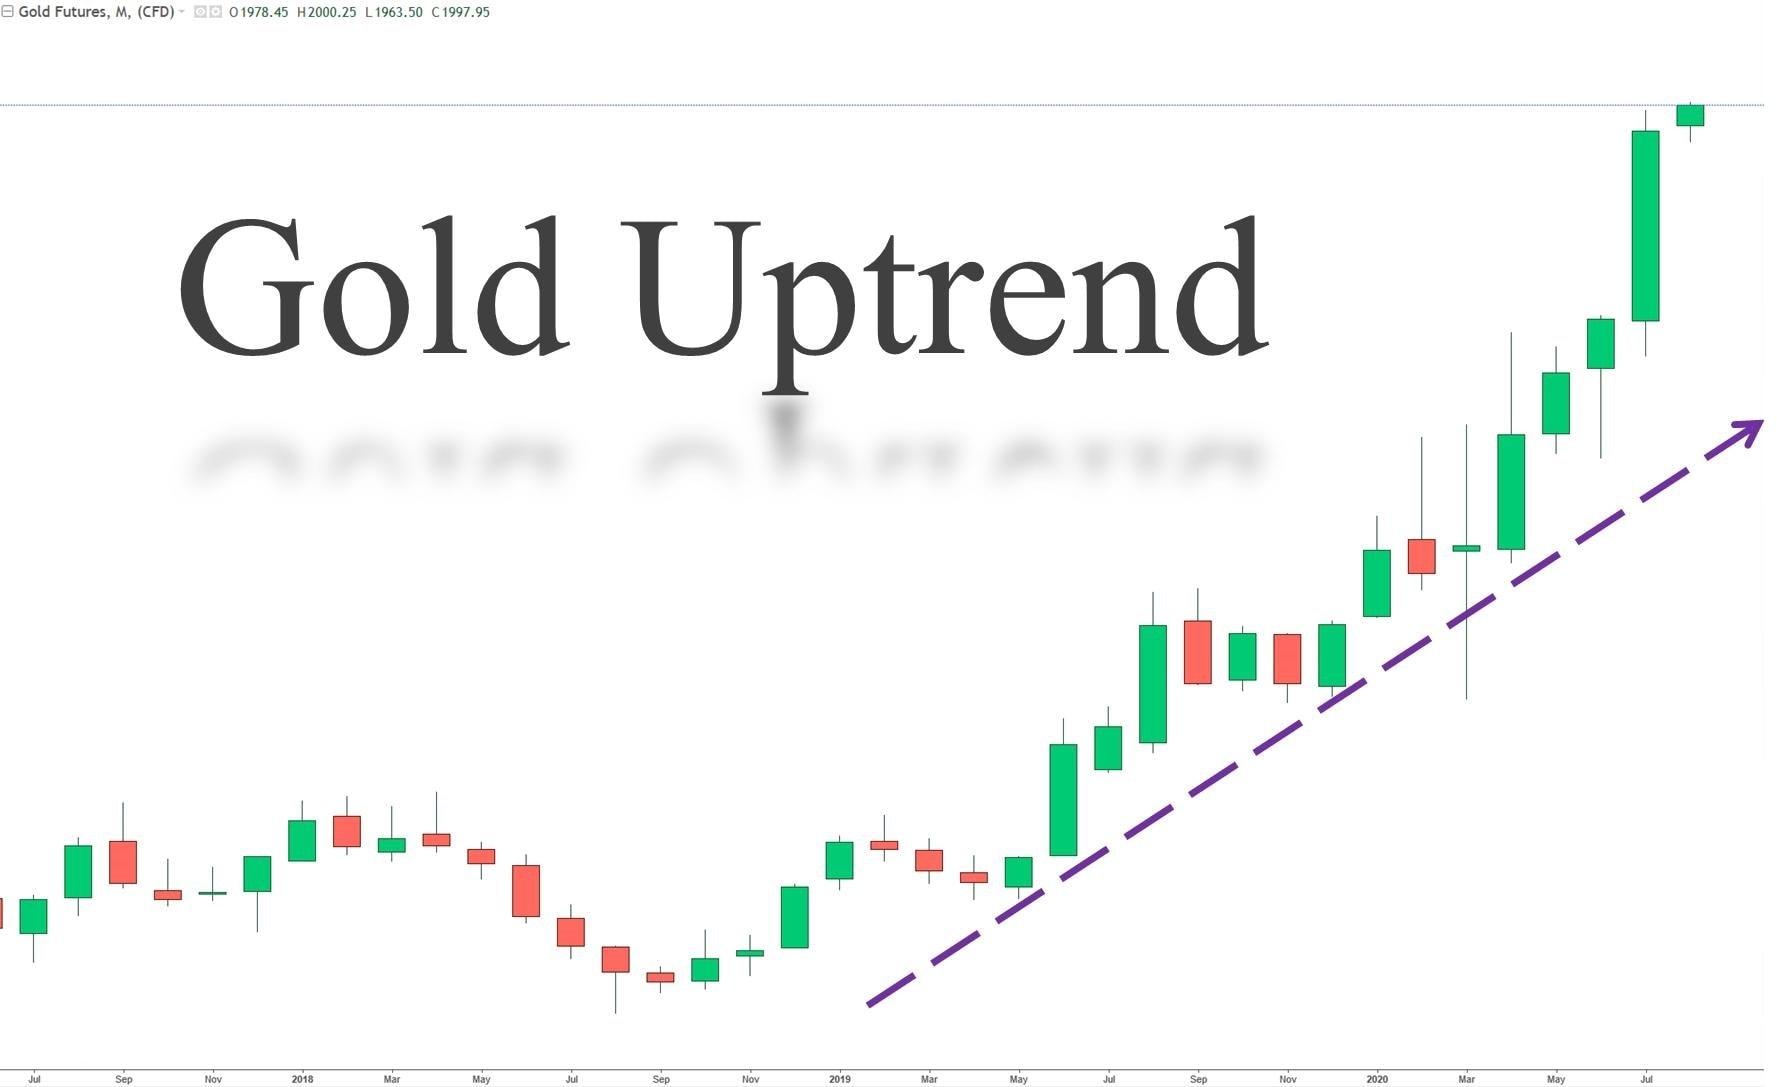 قیمت طلا در یک روند صعودی قرار دارد